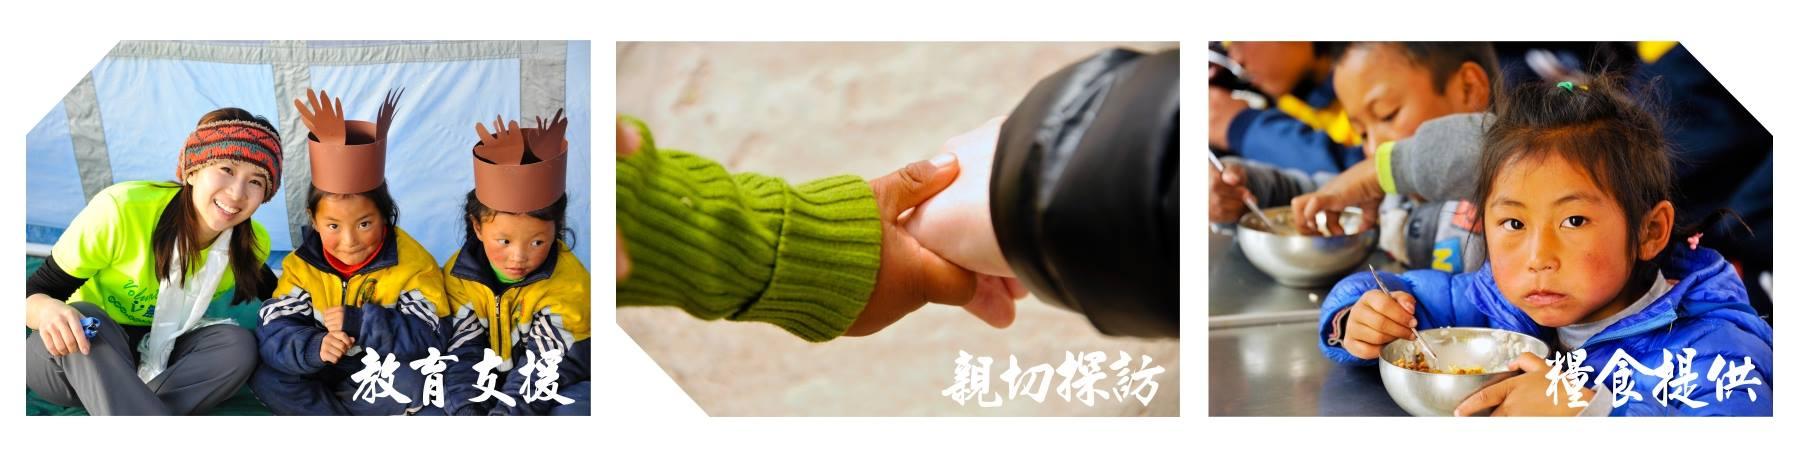 無國界義工.中國助養兒童計劃